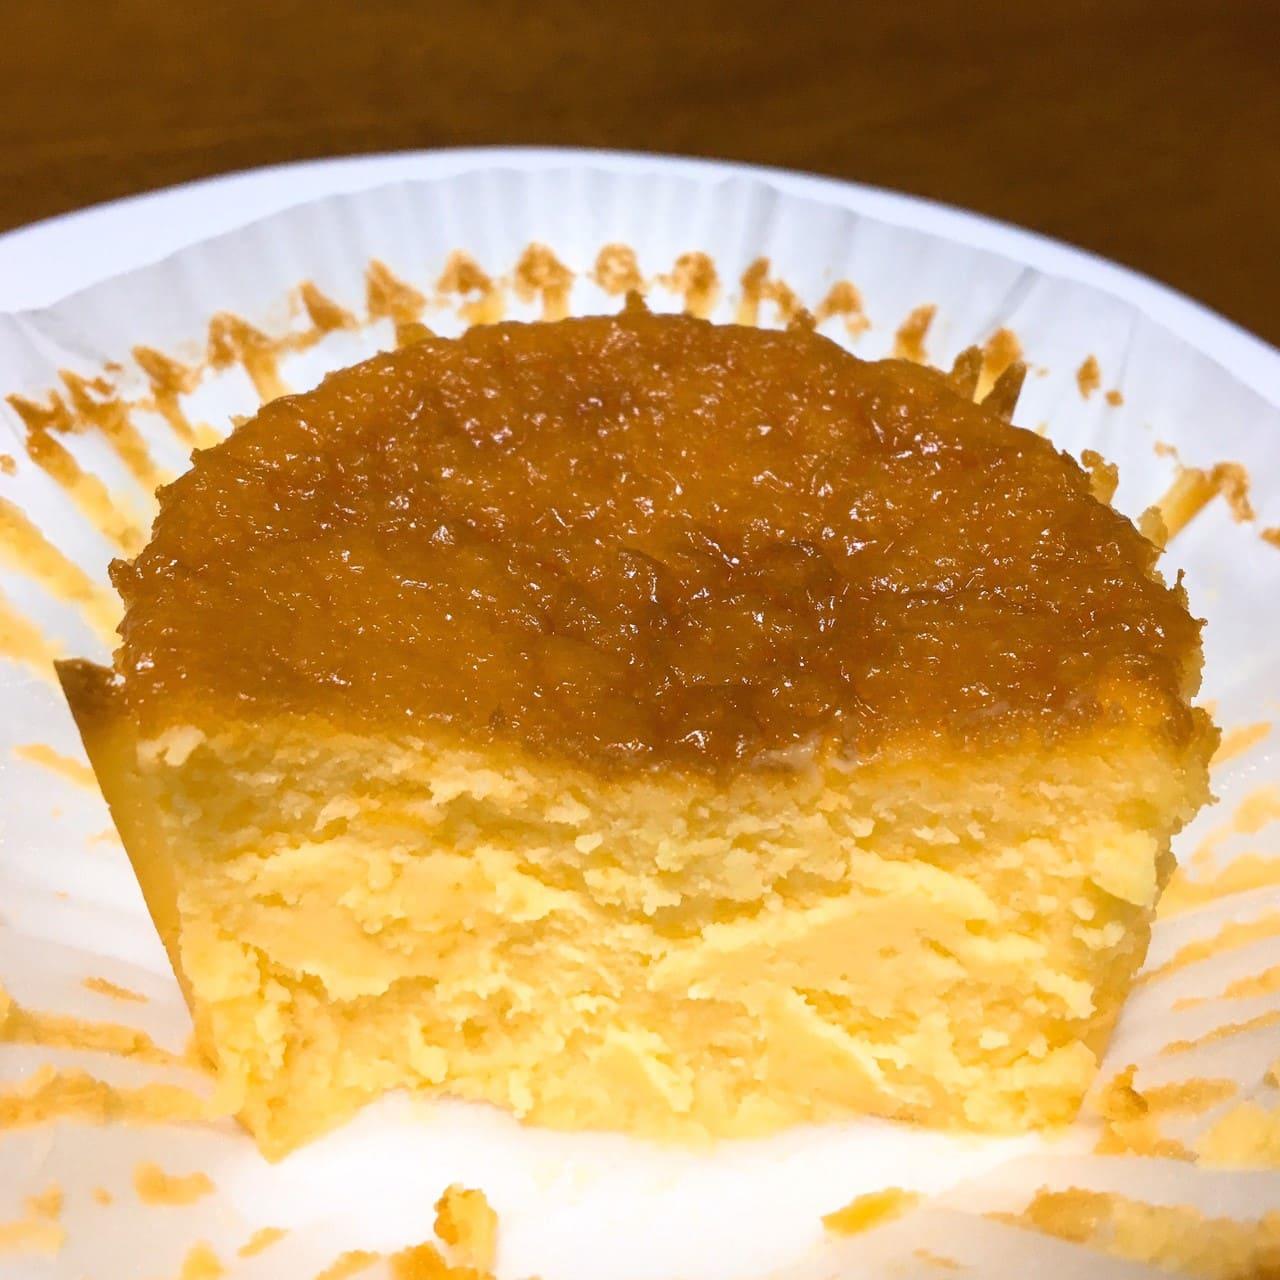 バスクチーズケーキ断面